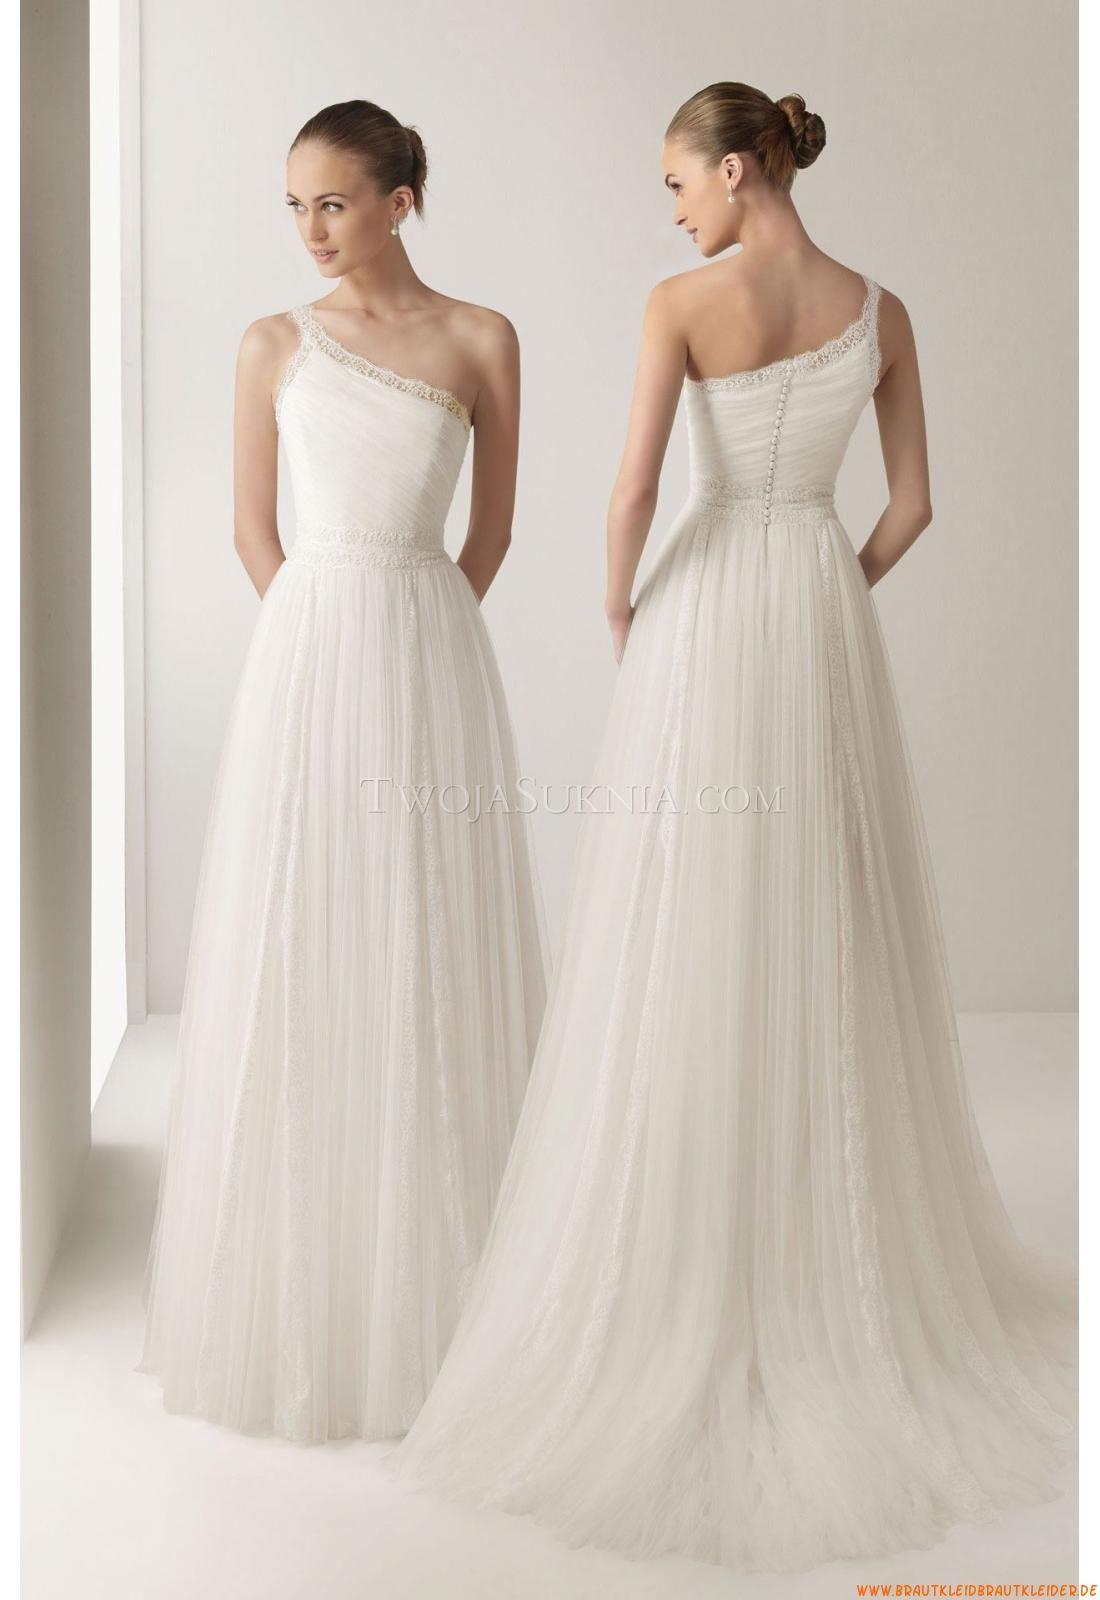 Natürlich Taille Designer Brautkleider 2014 aus Chiffon ...